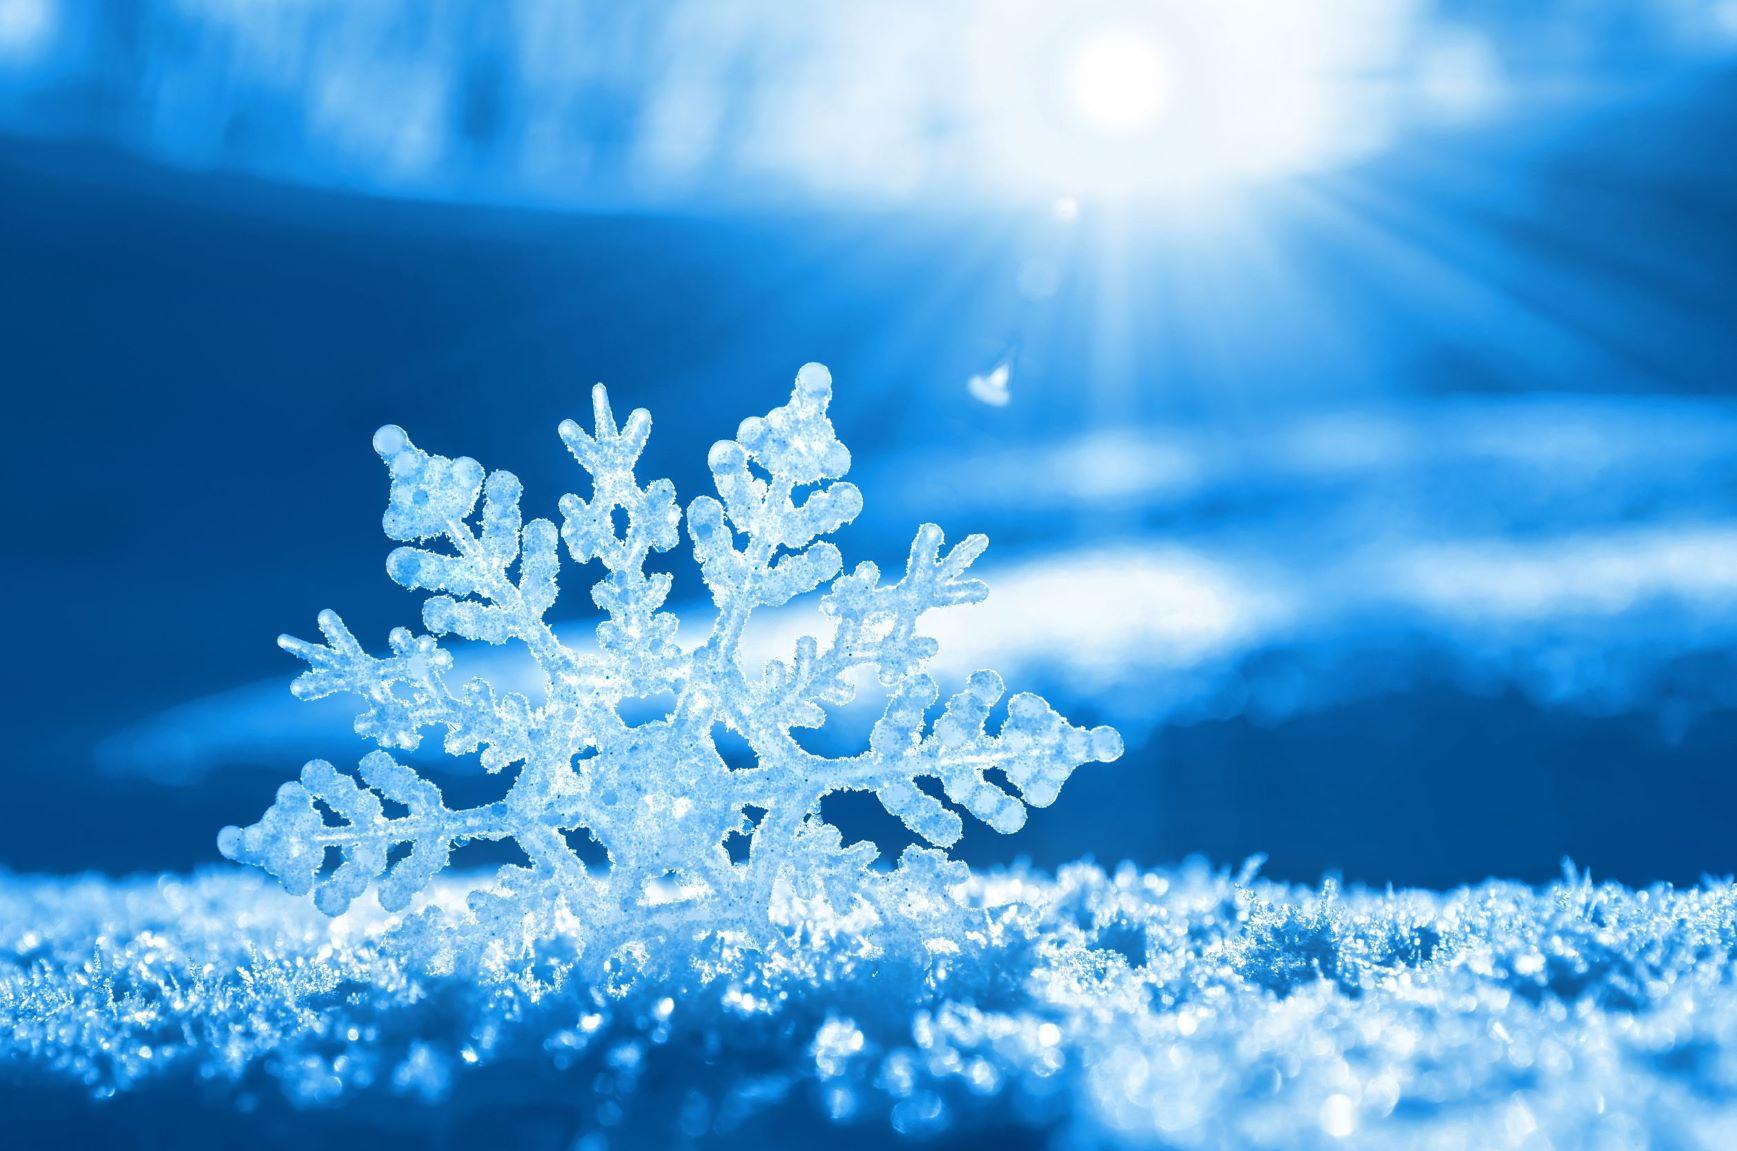 pretty up-close snowflake